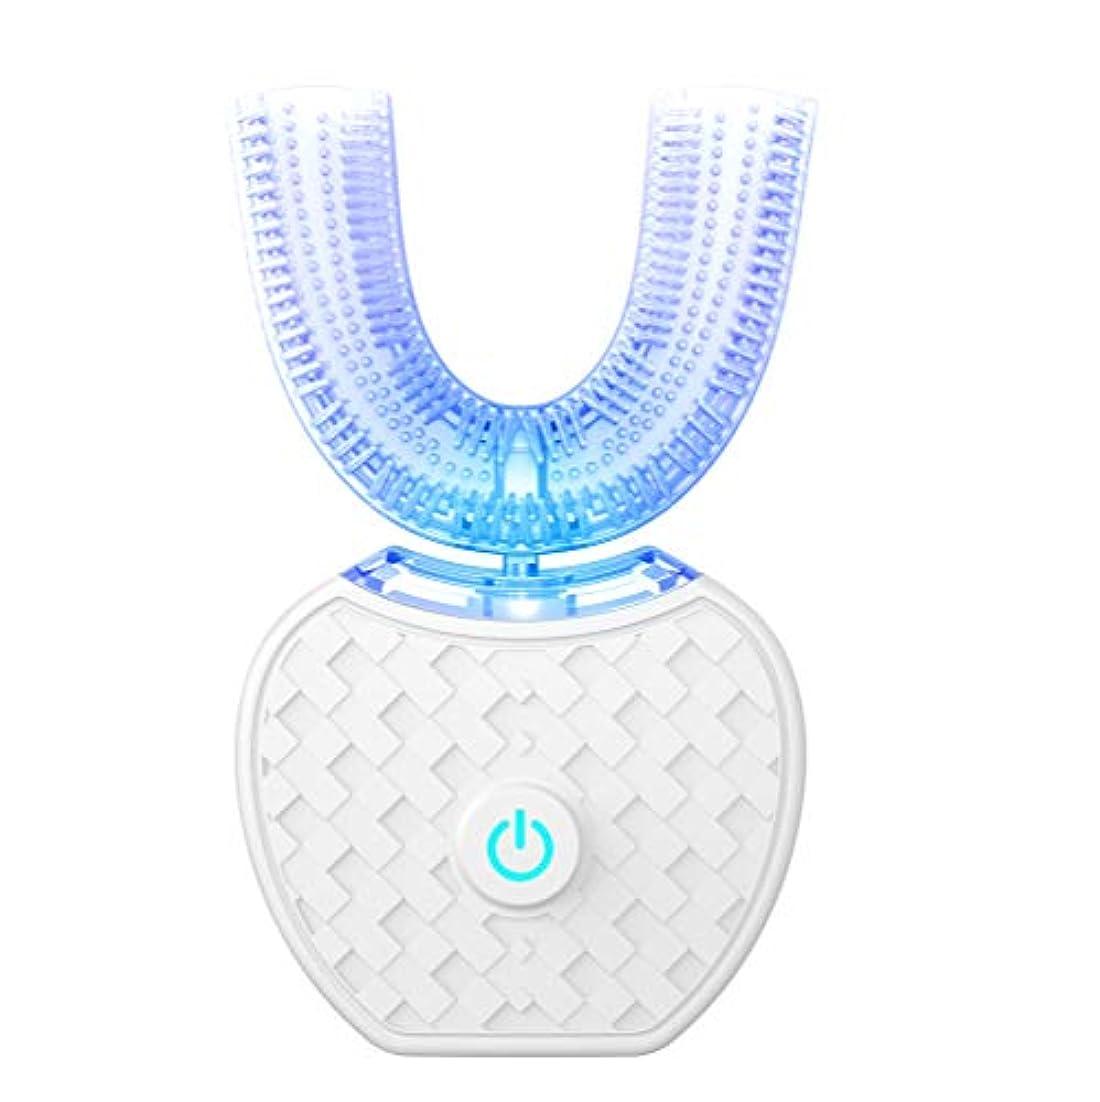 に向かって検出する和GideaTech アップグレード 電動歯ブラシ 口腔洗浄器 音波振動歯ブラシ デンタルケア 美歯 IPX7防水 ワイヤレス充電 虫歯予防 U型 360°ホワイト